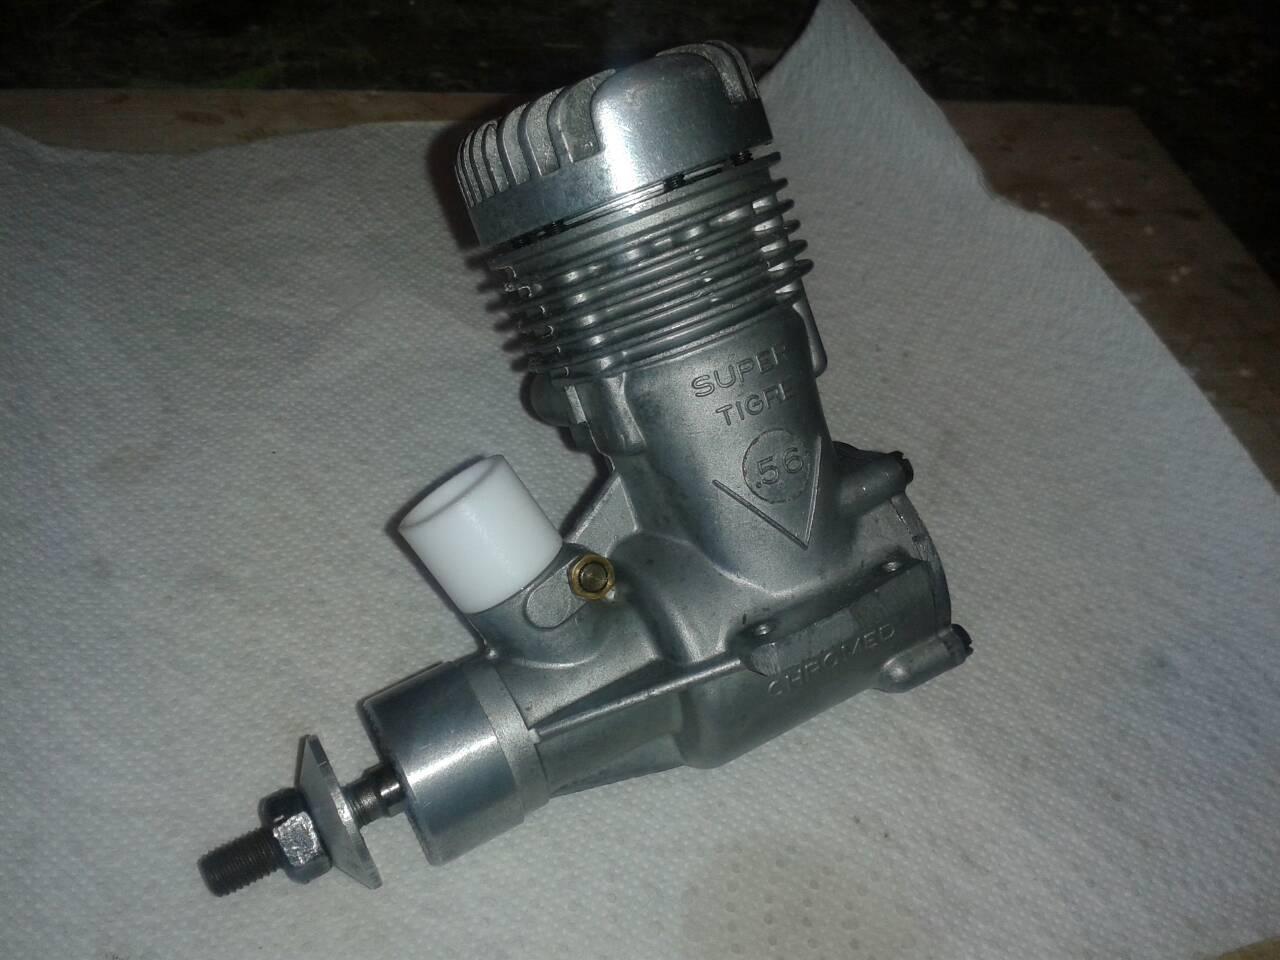 supertigre-56v